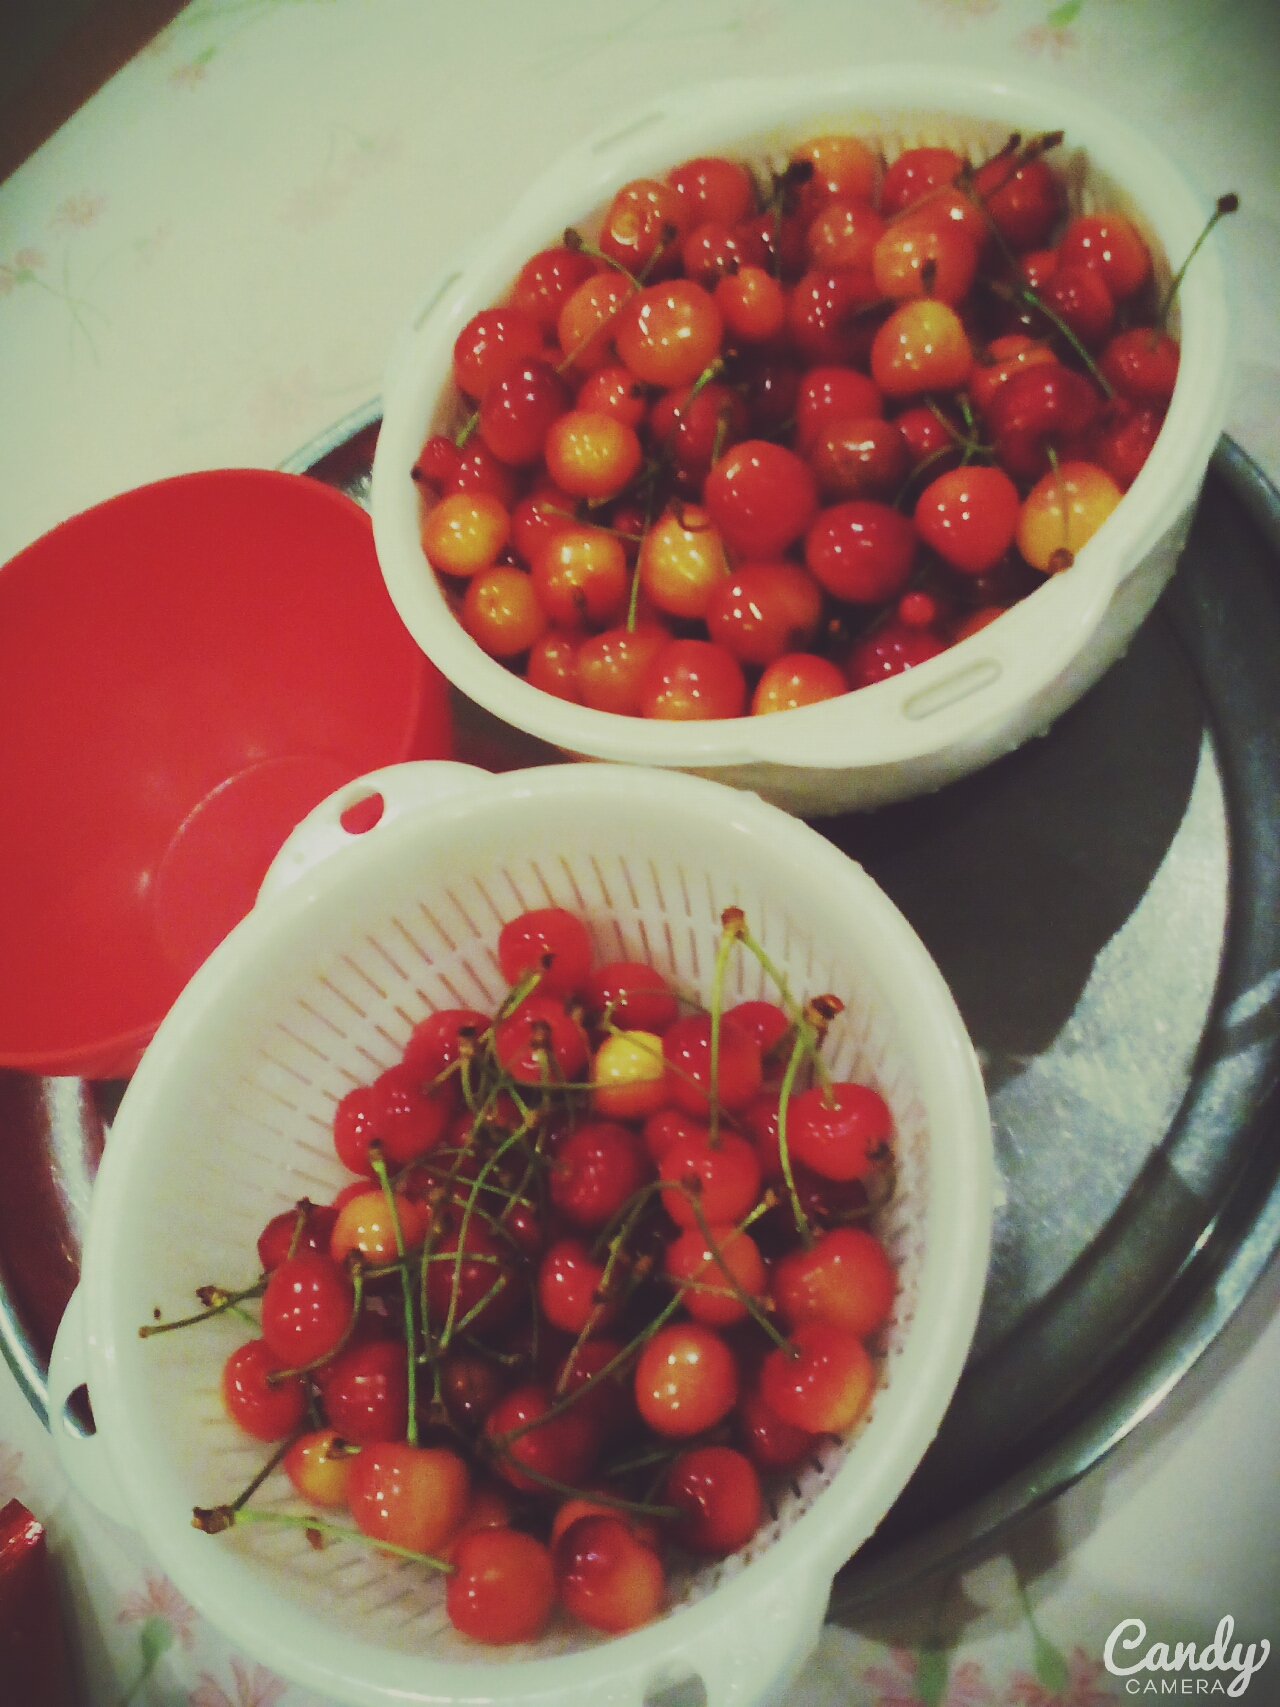 日本のさくらんぼ   日本的櫻桃